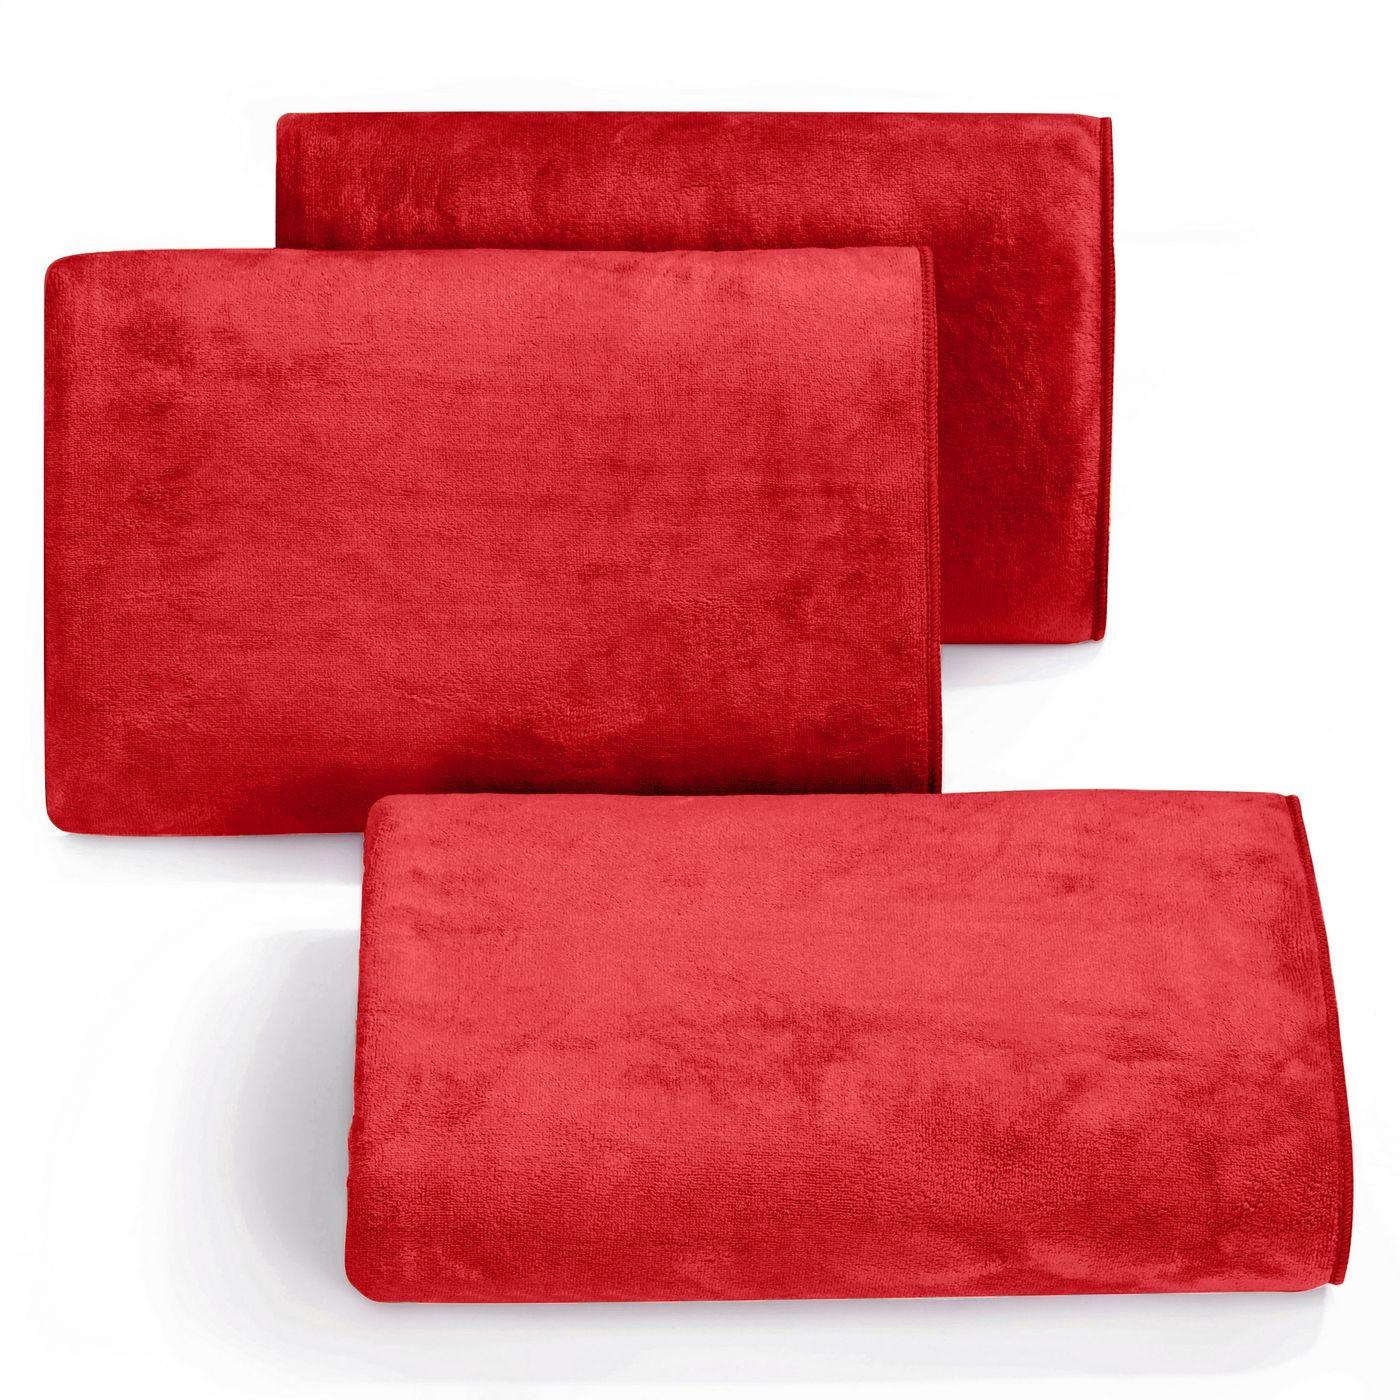 Ręcznik z mikrofibry szybkoschnący czerwony 30x30cm